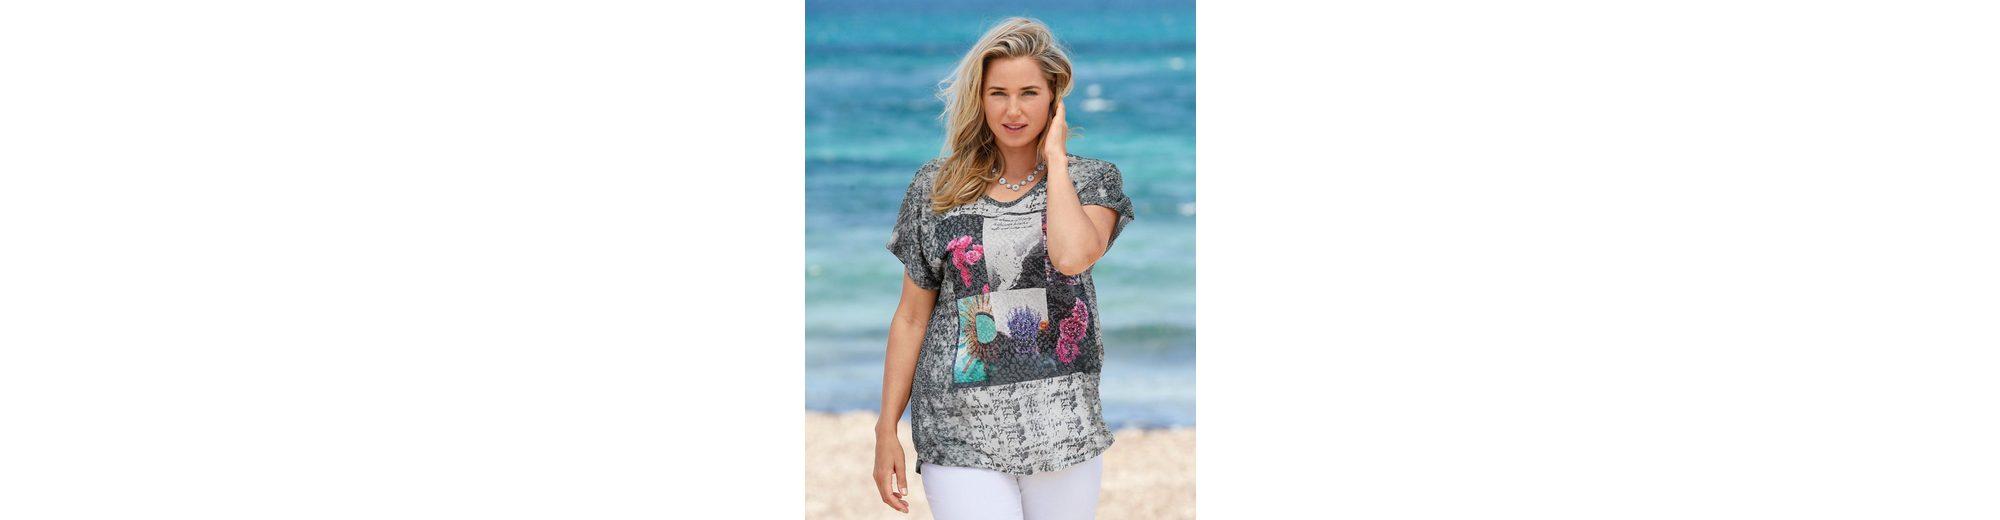 Rabatt Bilder MIAMODA Shirt in leichter Ausbrenner-Qualität Finish Günstiger Preis cOc53